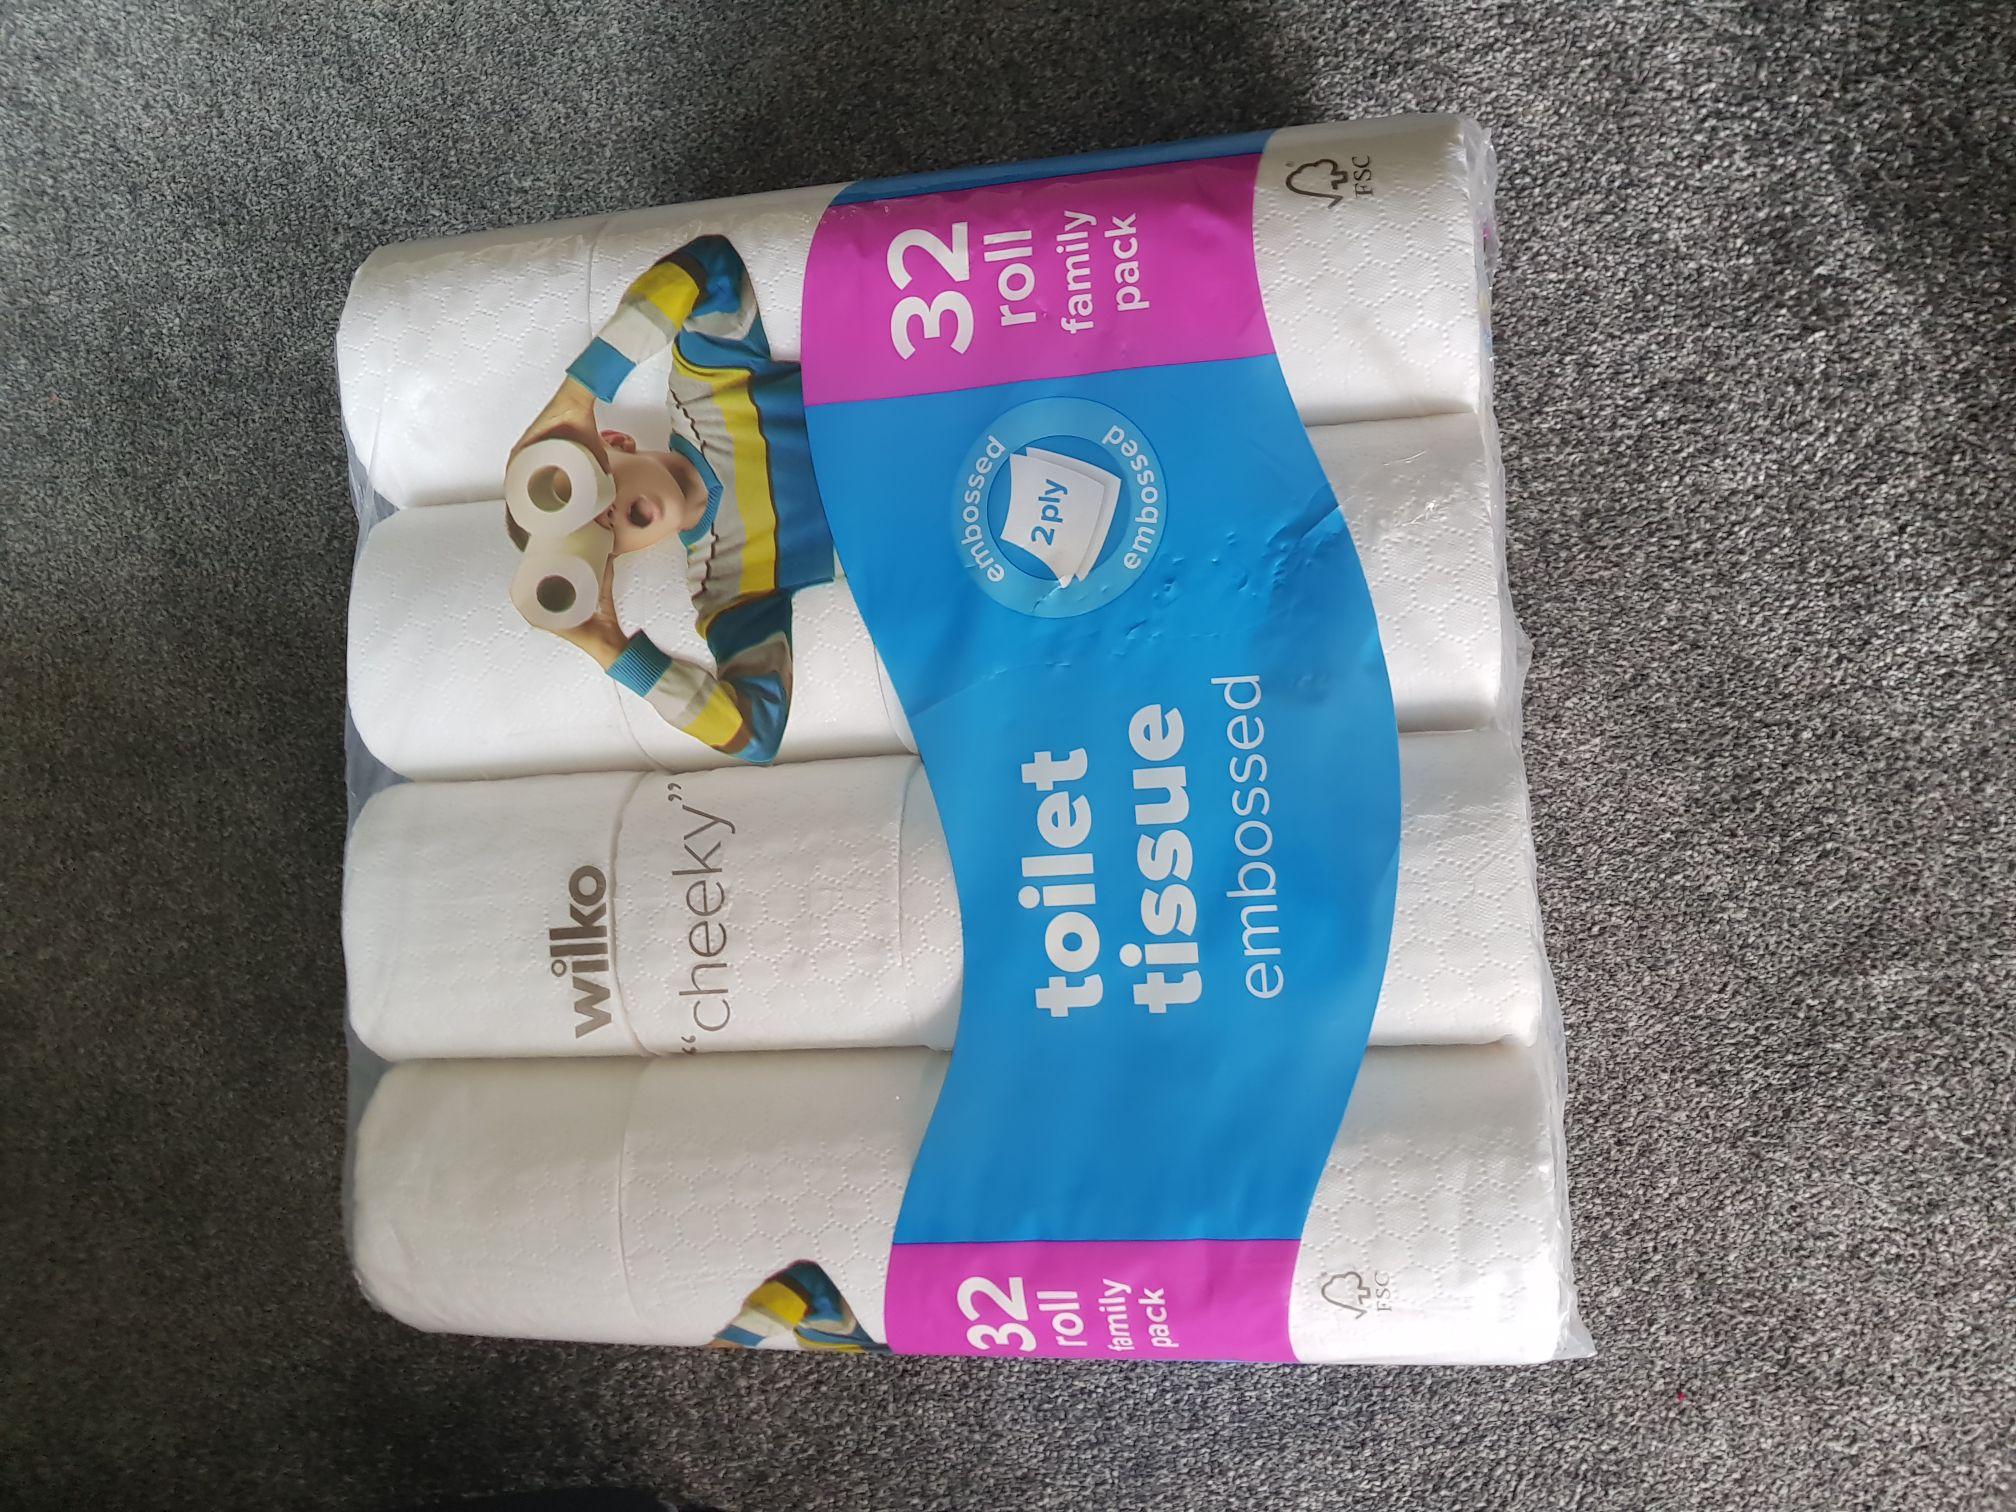 Wilko Toilet Tissue 32 Rolls for £5 instore